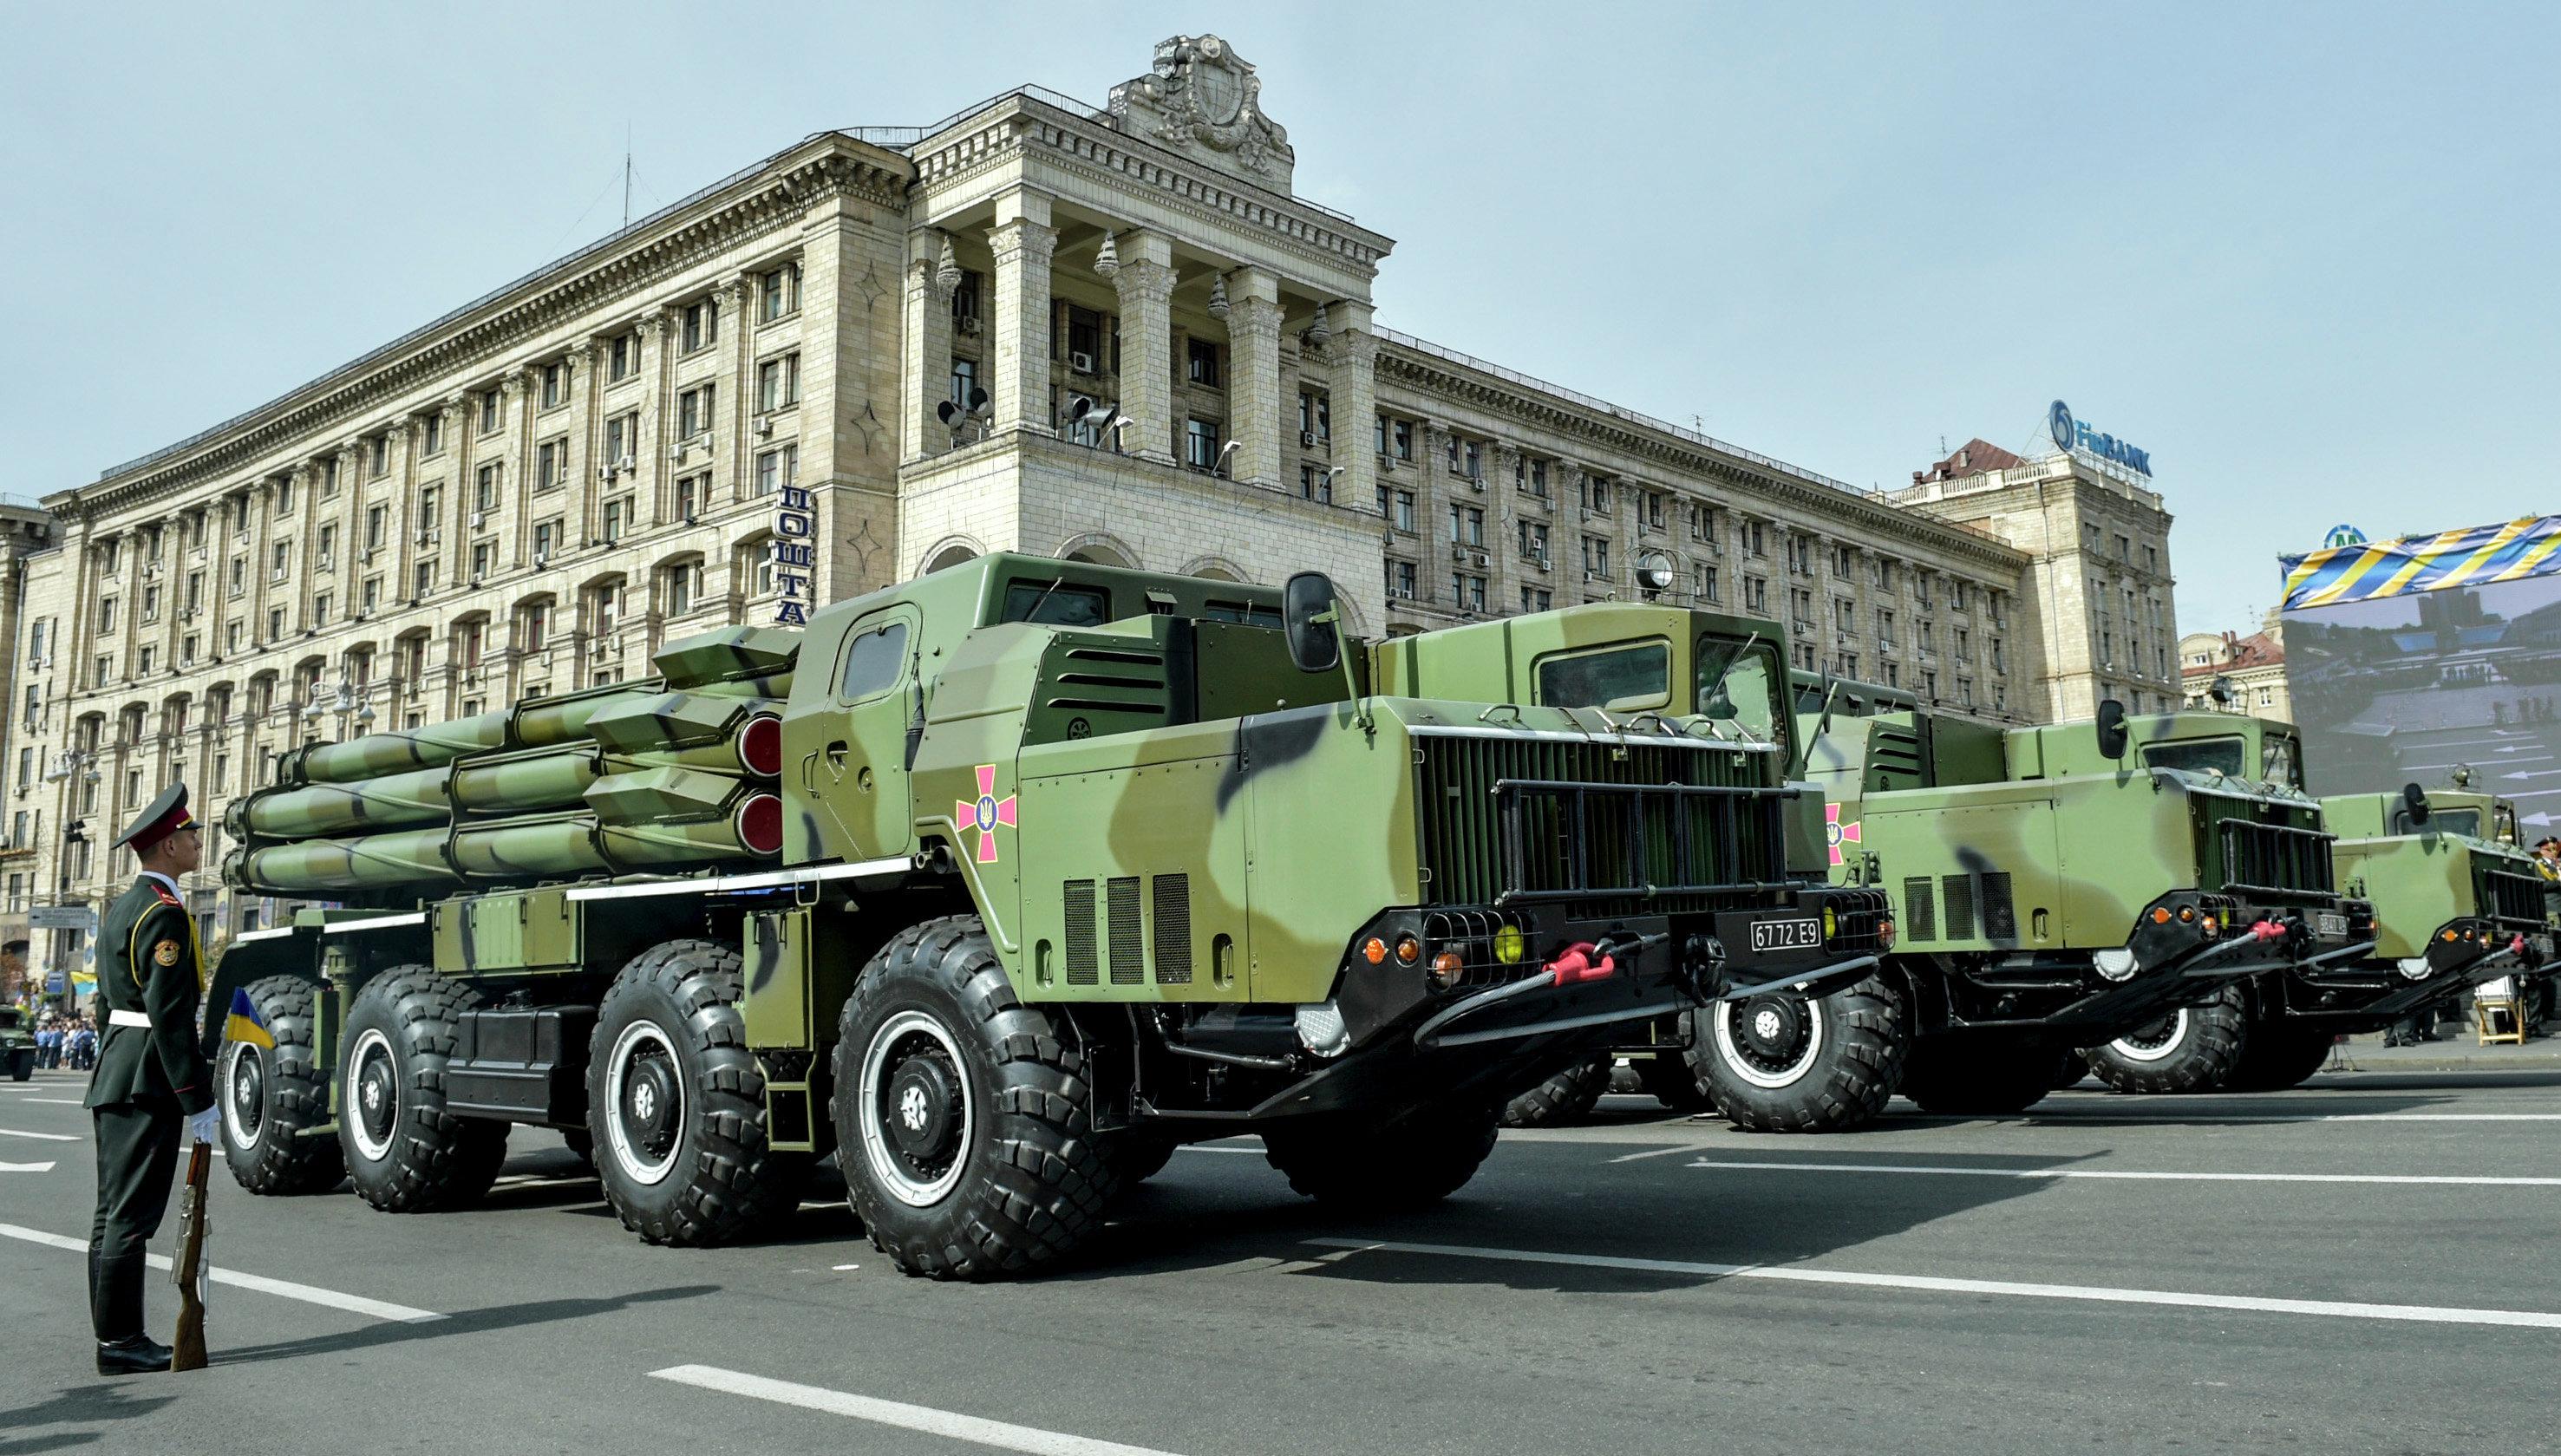 Parada militar em Kiev no Dia da Independência da Ucrânia